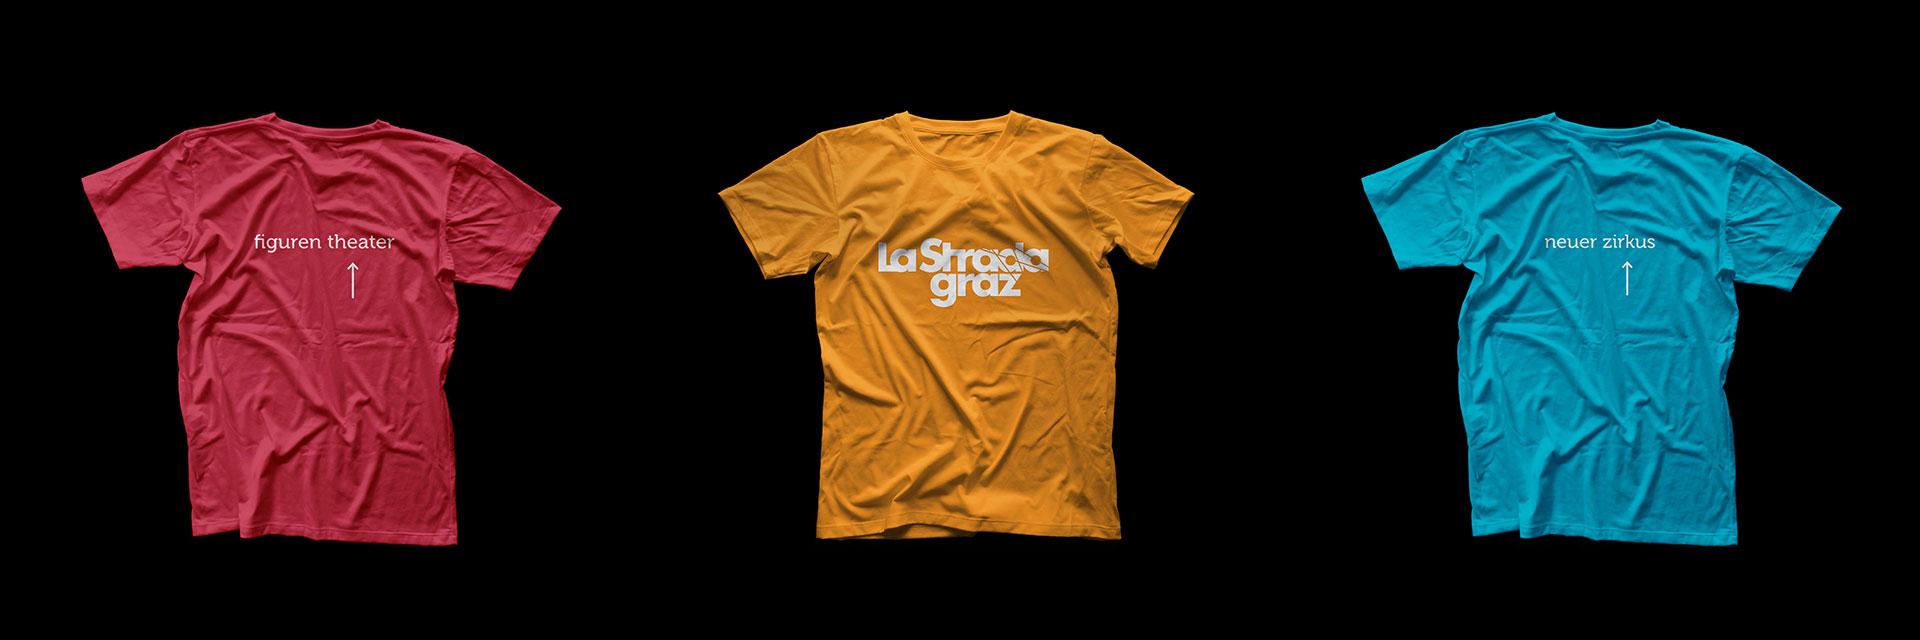 09_LaStrada_Shirt_NEU